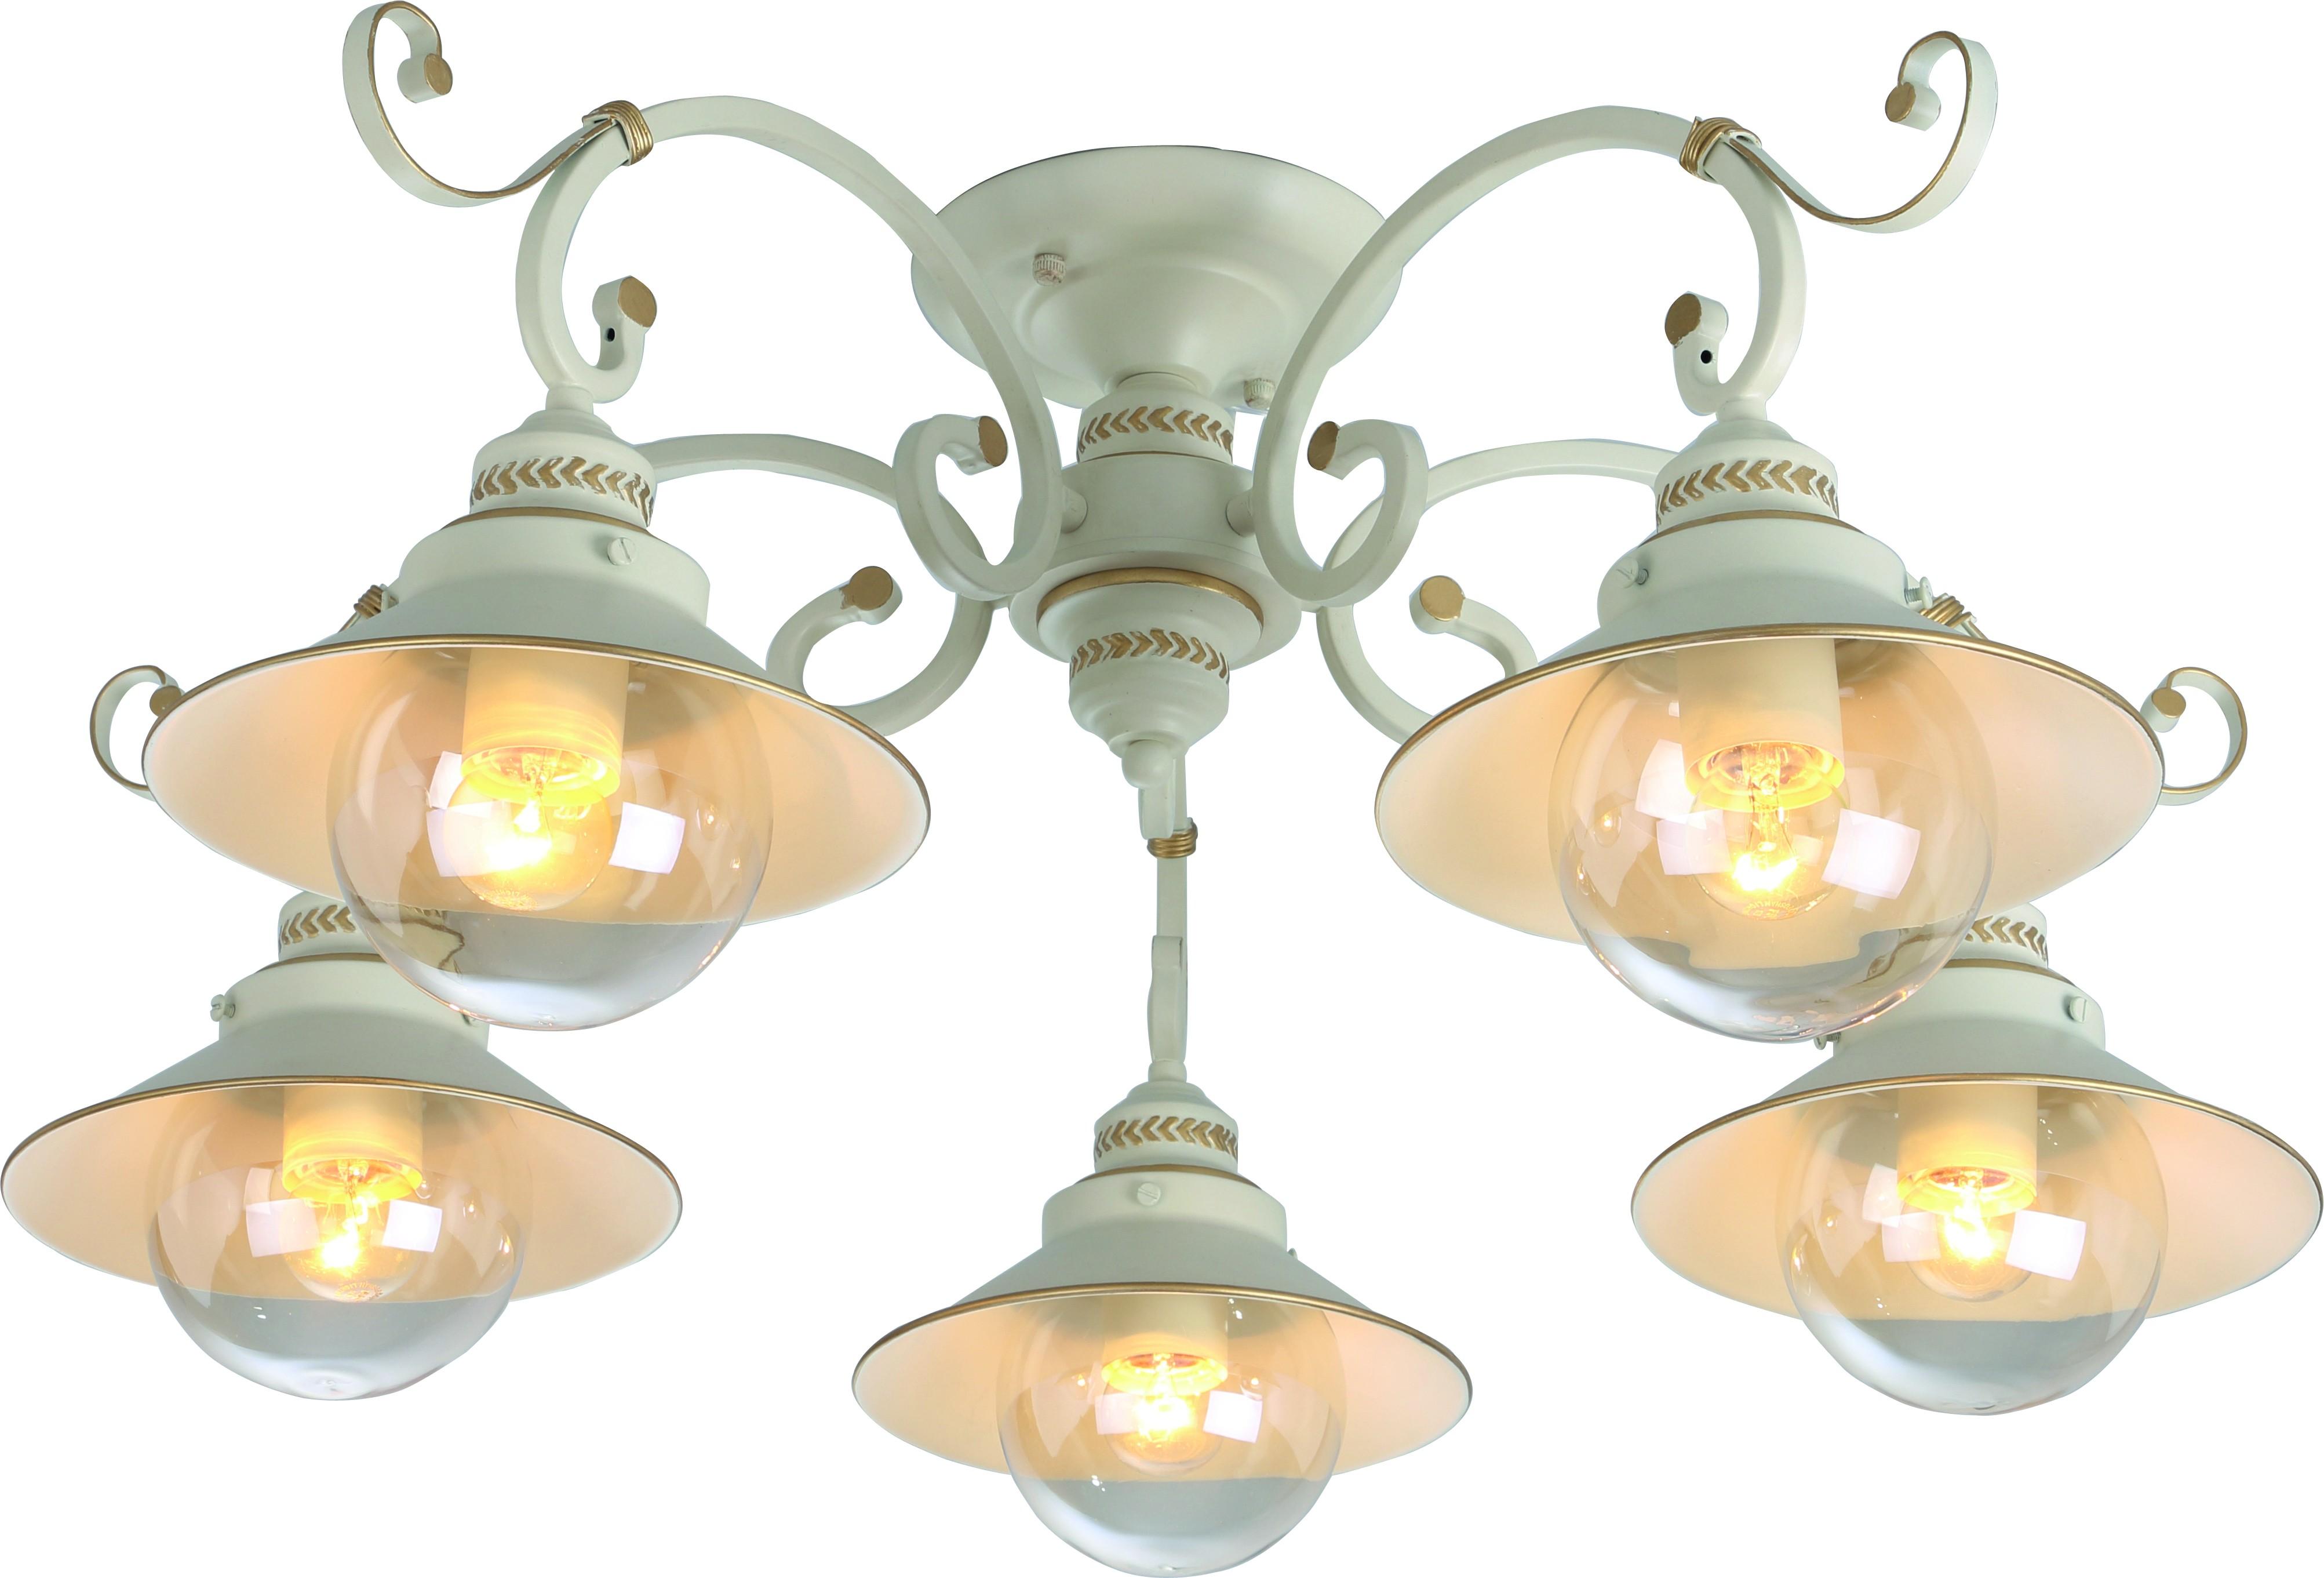 Люстра Arte lamp A4577pl-5wg aeg pl 750